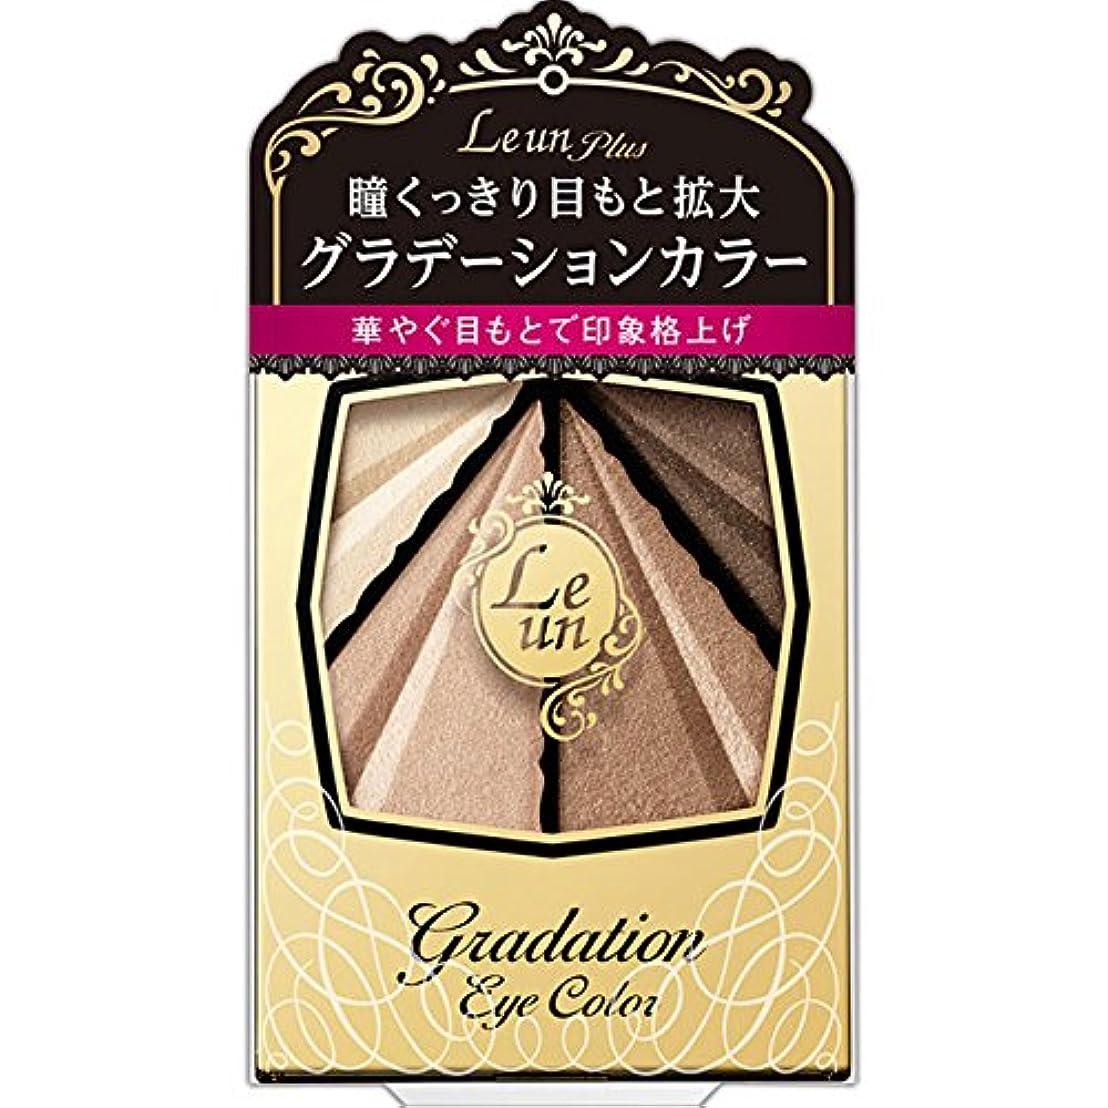 動すでに童謡ルアン プリュス グラデーションアイカラー 01 ゴールドブラウン 3.4g